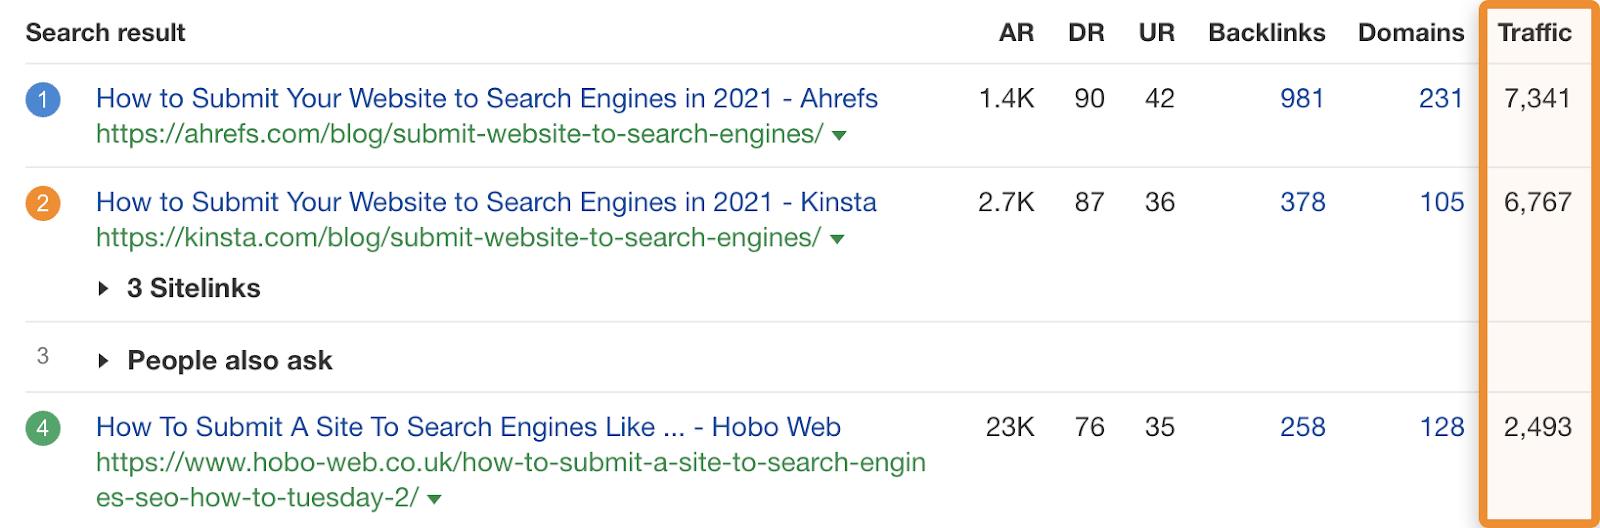 Suchergebnisse 2021 - Traffic